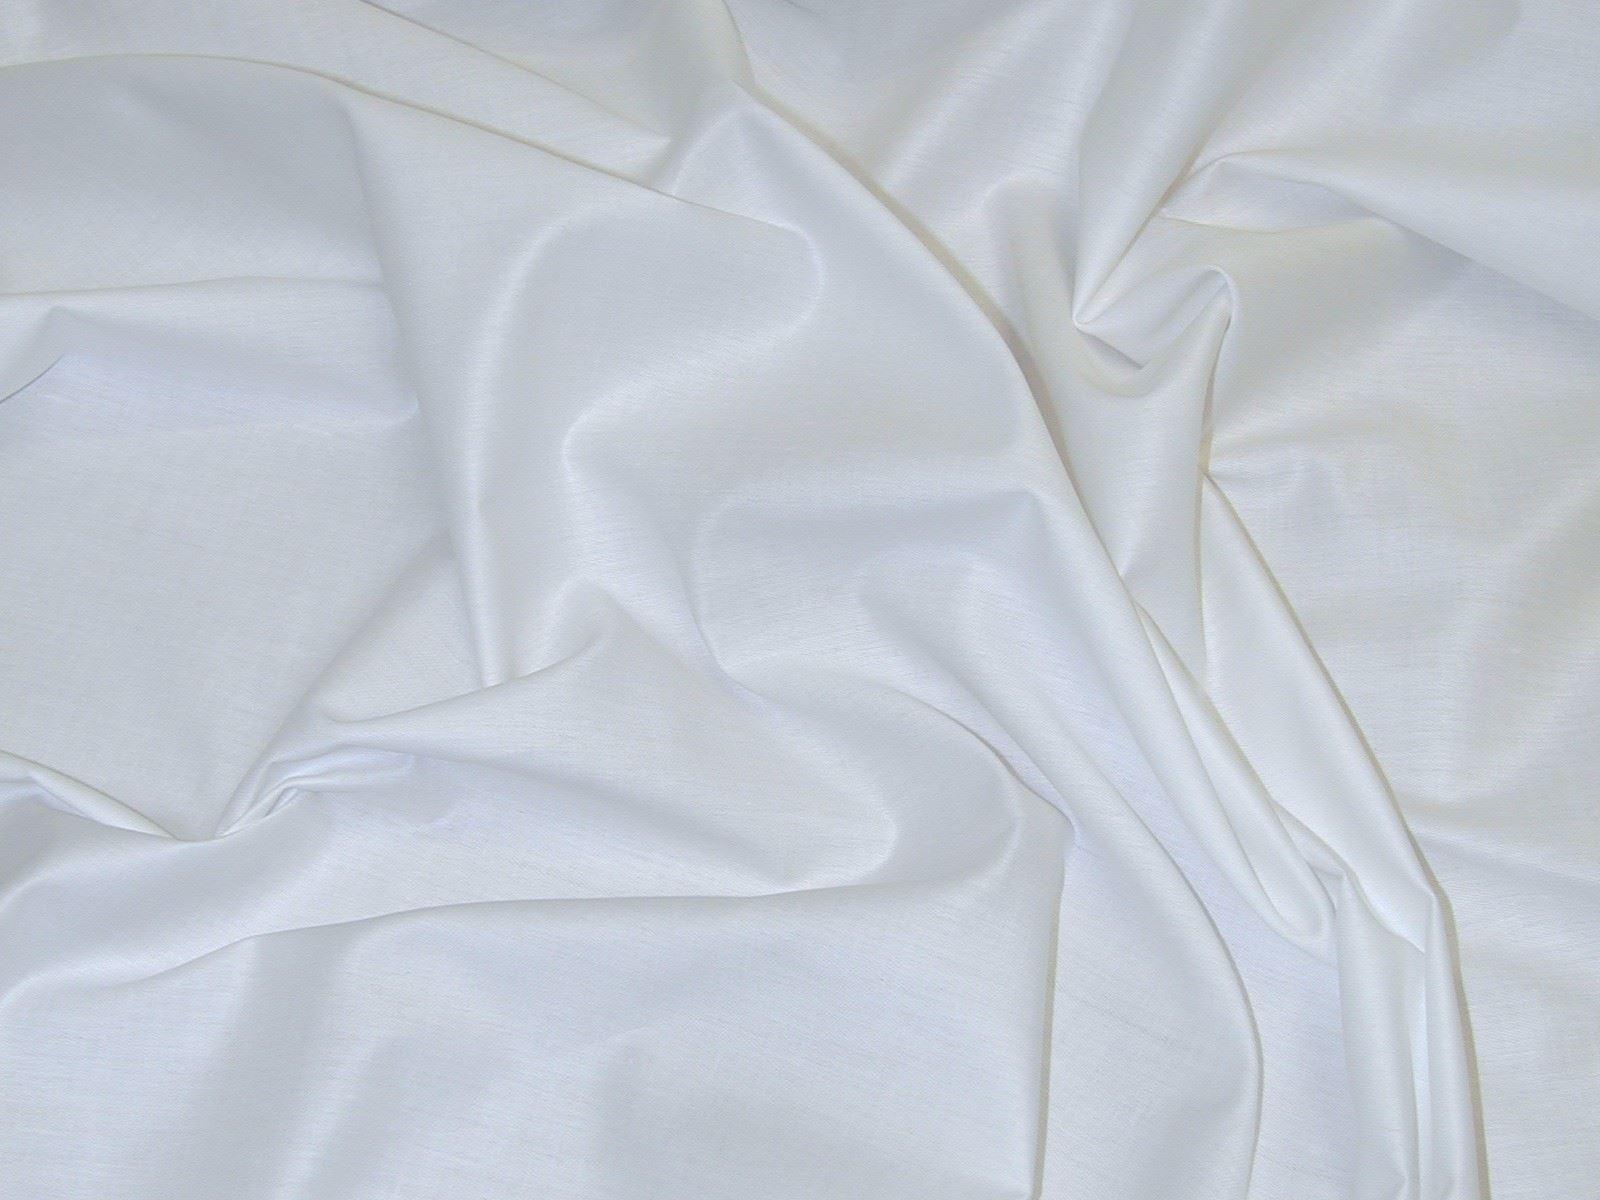 tissus pour rideau drap satin de coton blanc top qualit. Black Bedroom Furniture Sets. Home Design Ideas